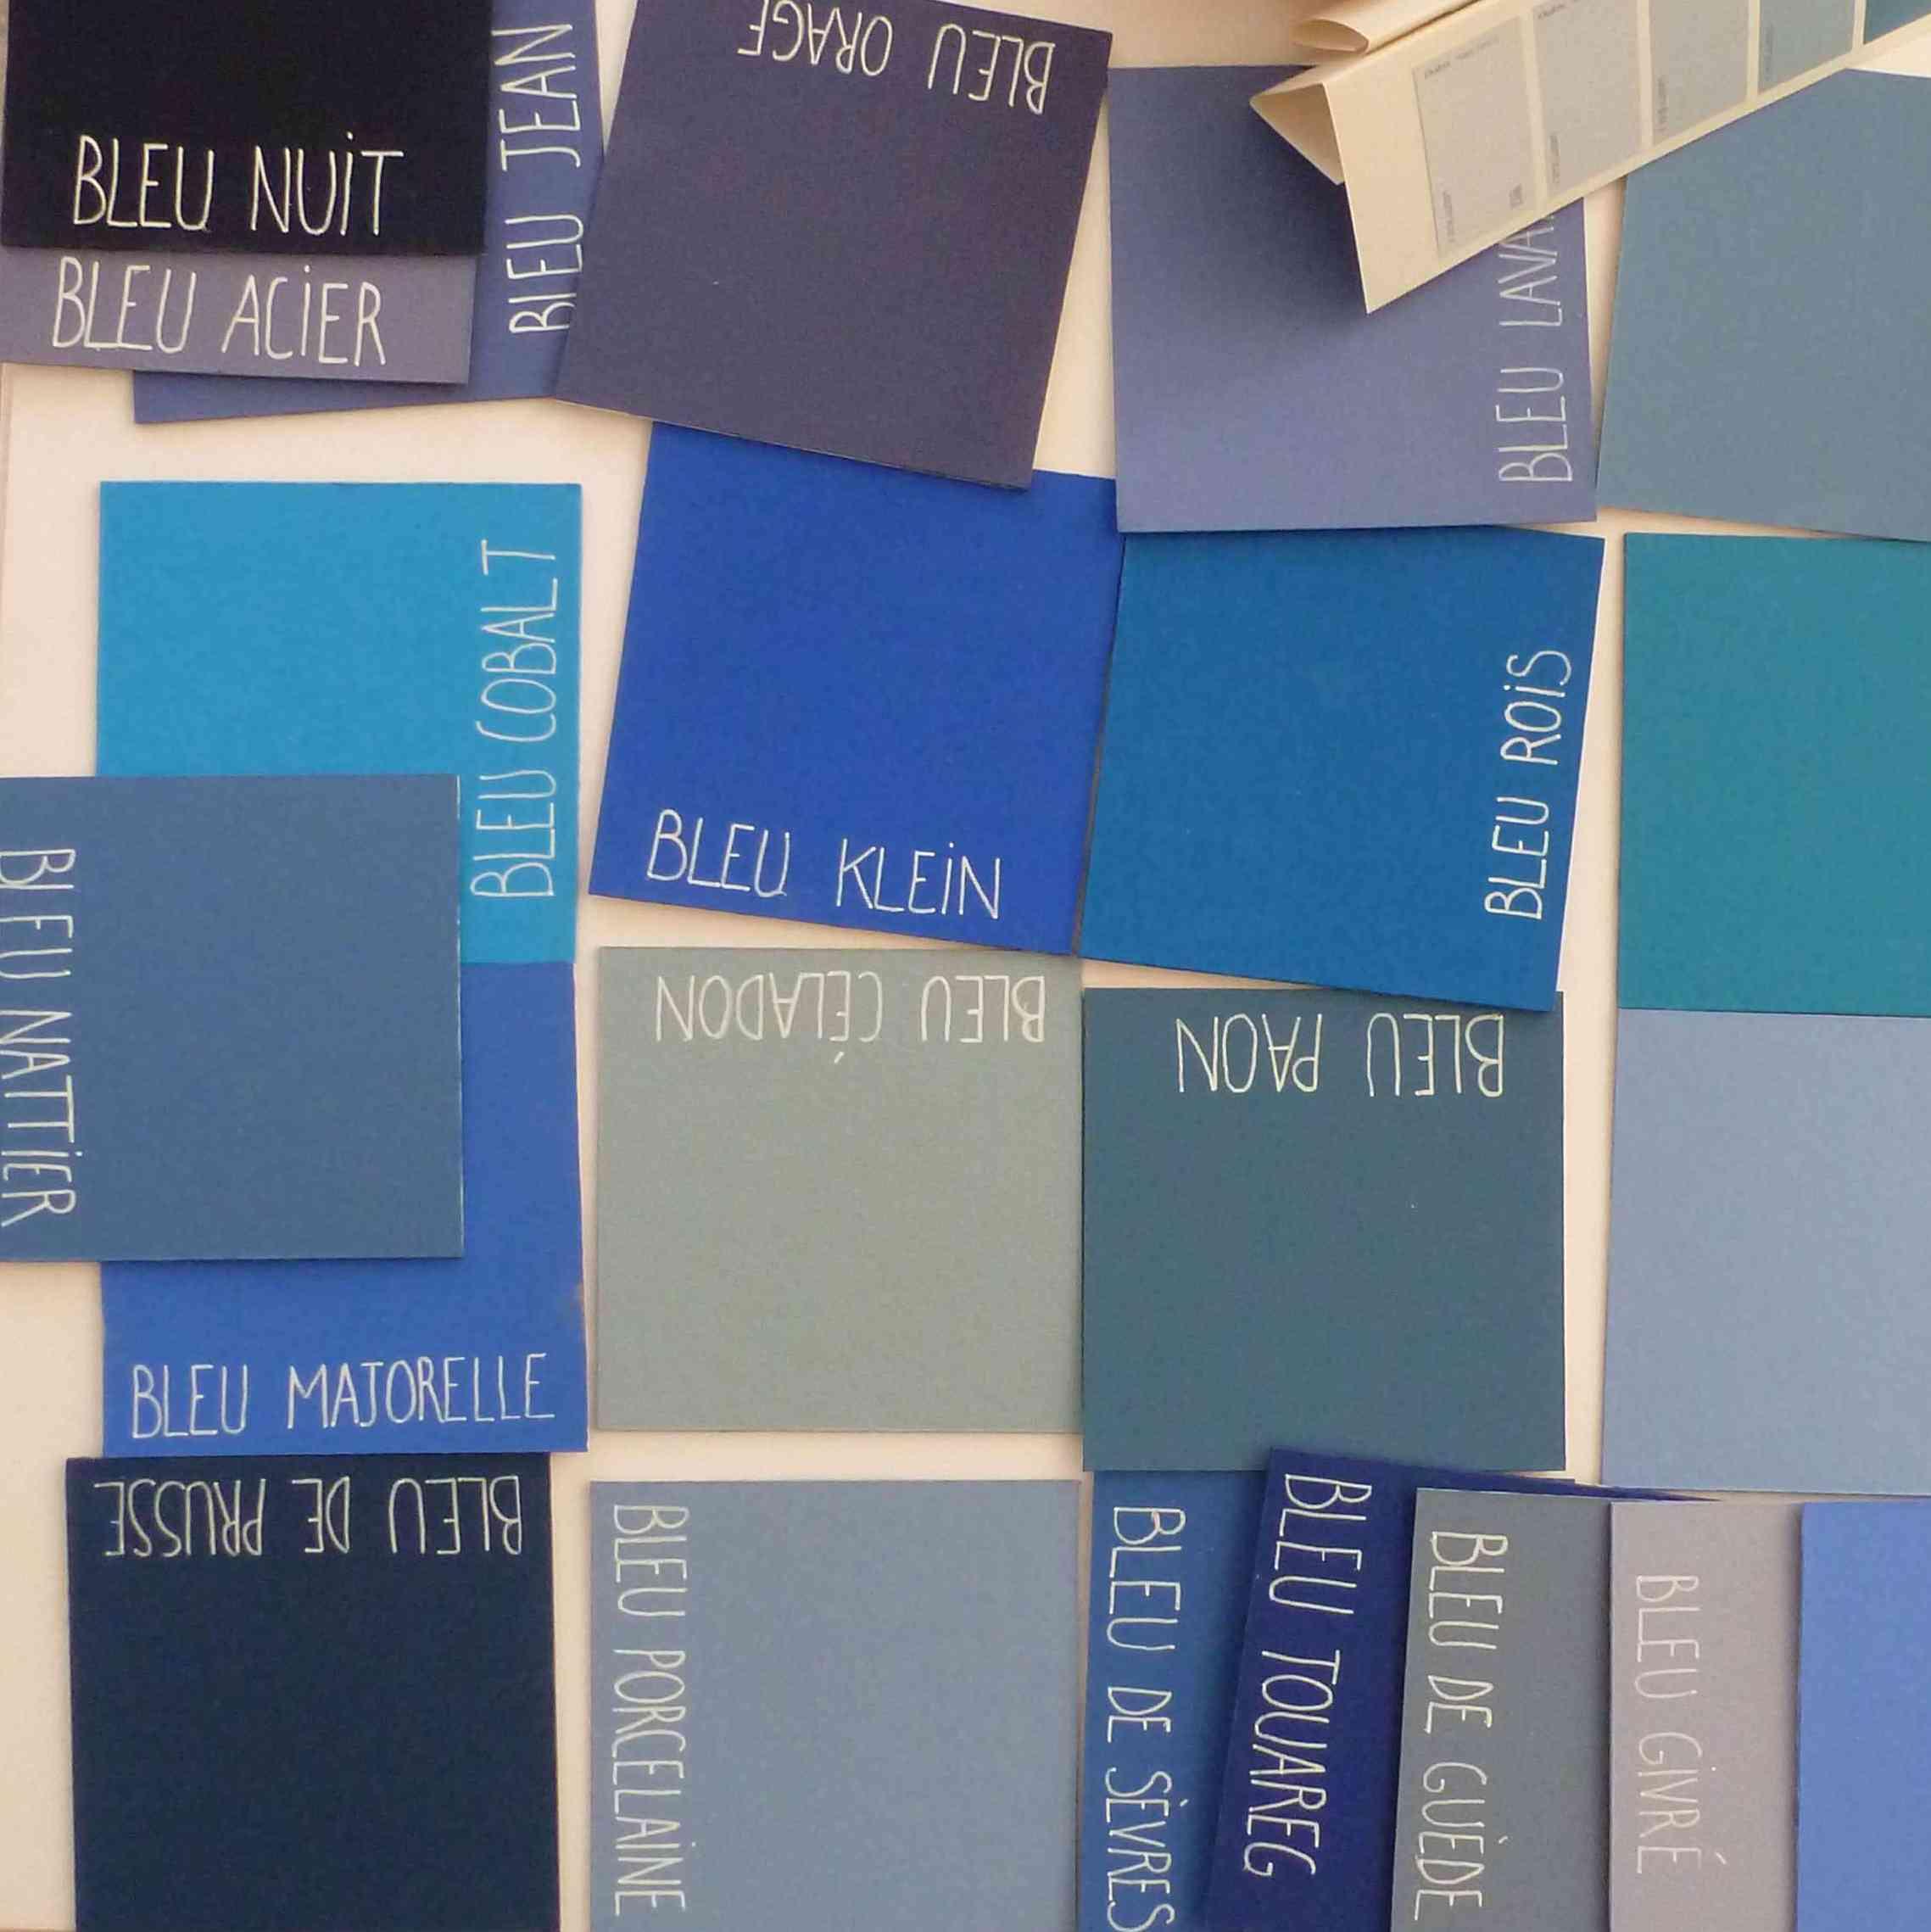 Mariage Le bleu dans tous ses etats 08-2013